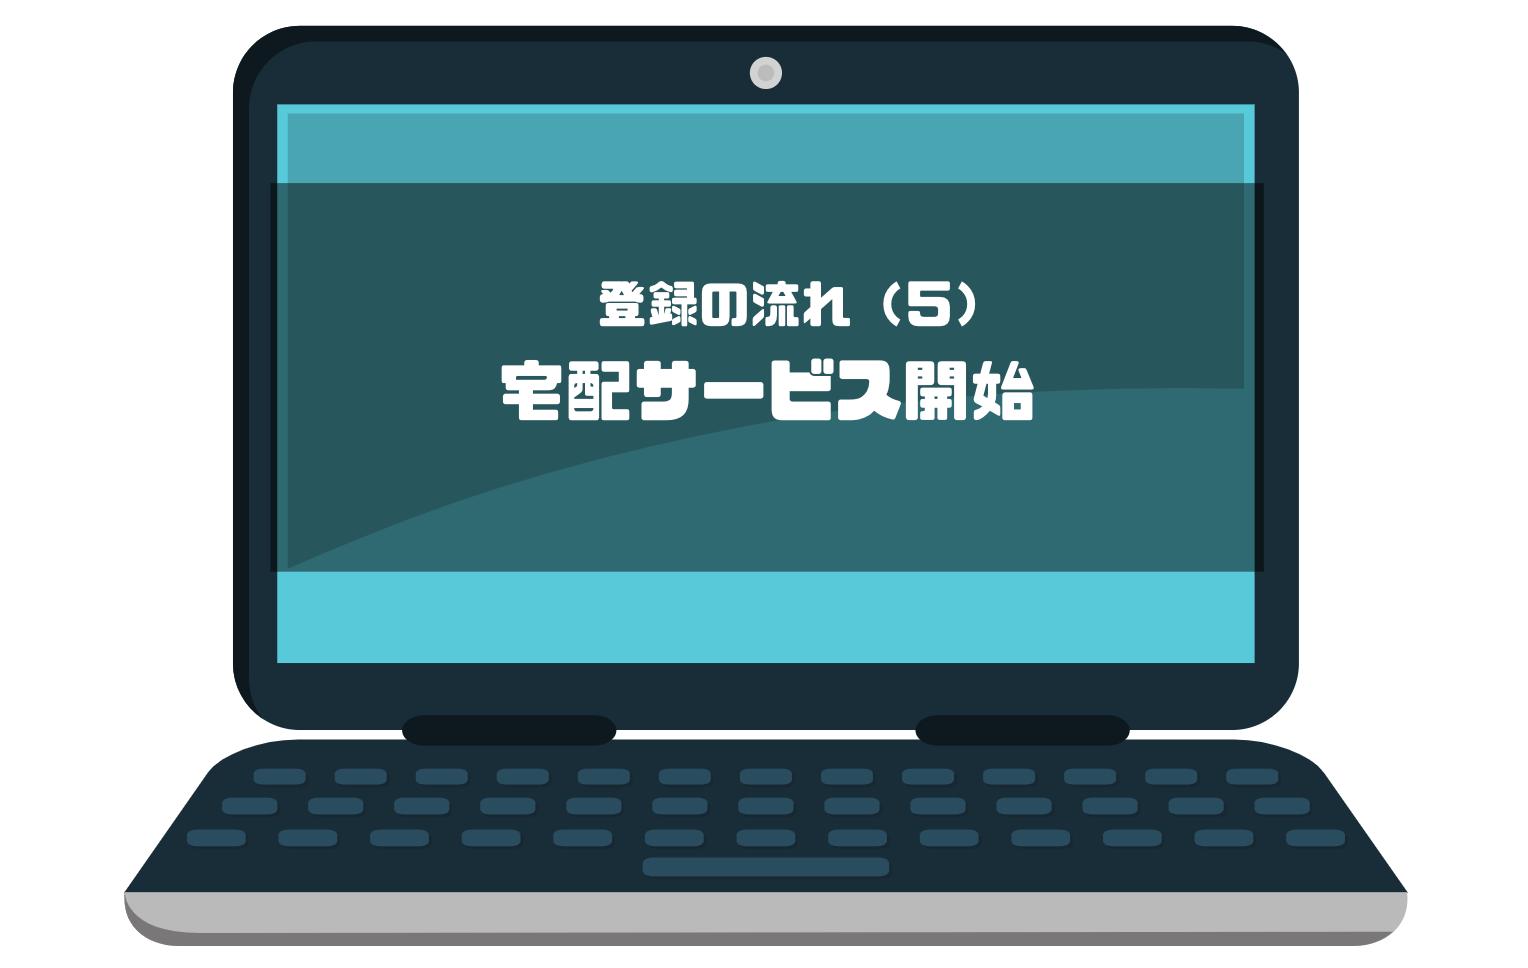 ビオマルシェ_評判_口コミ_会員登録_登録の流れ_宅配サービス_開始